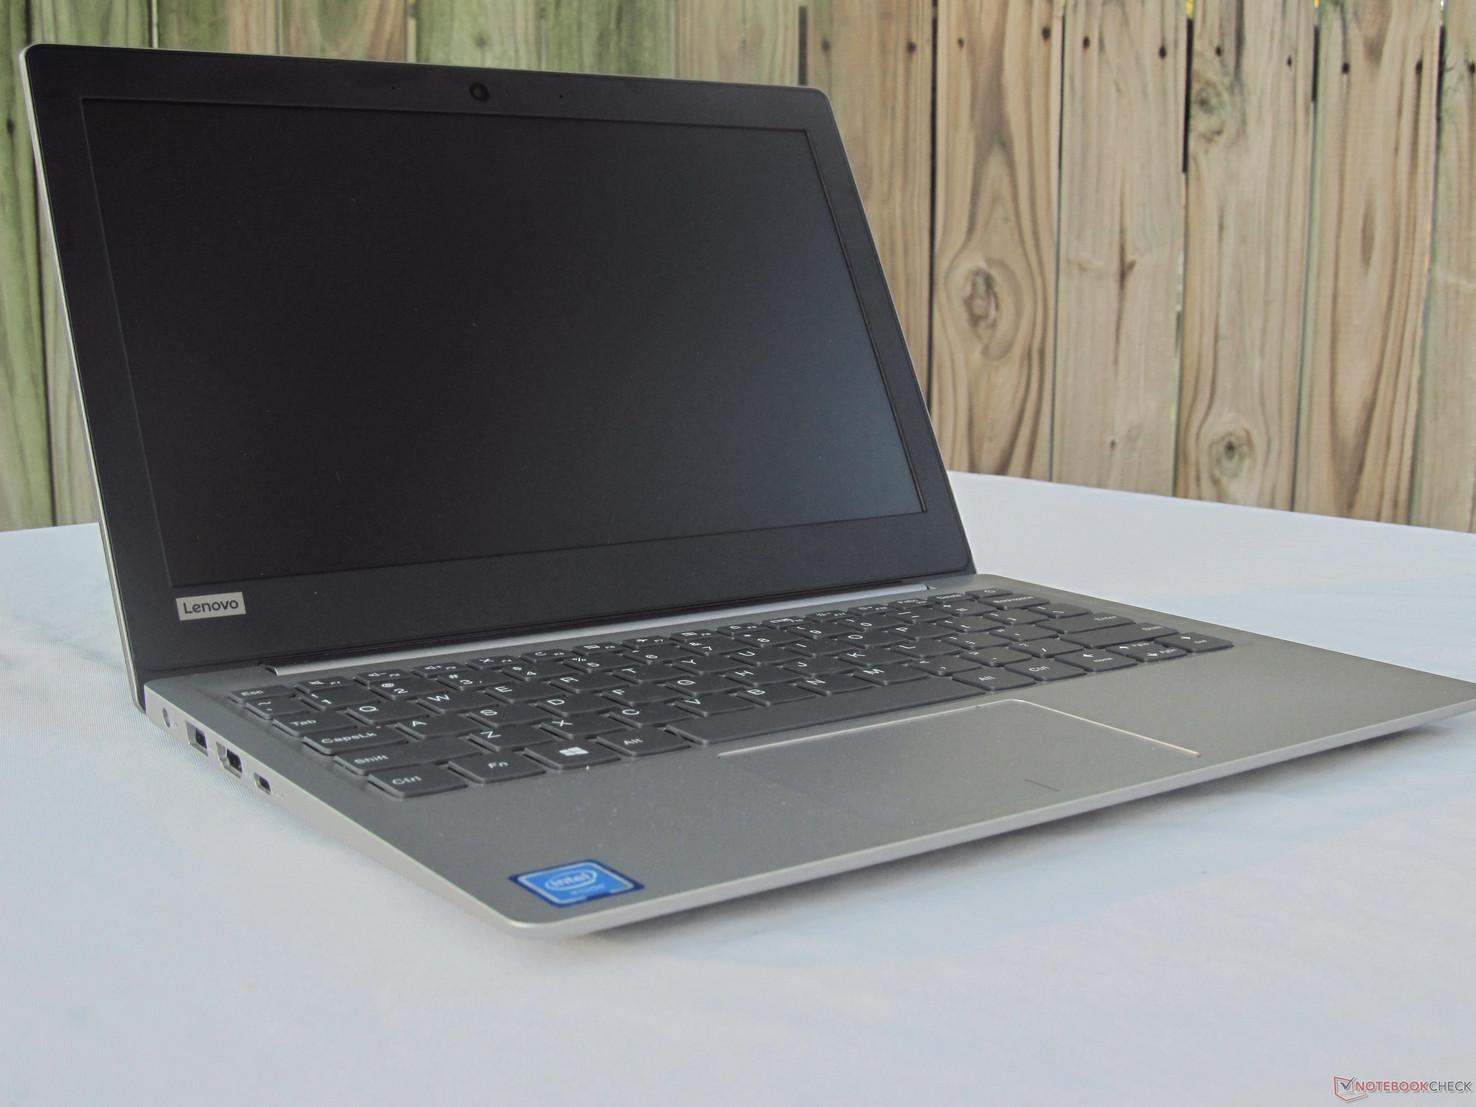 Lenovo Ideapad 120s (14-inch, HD) Laptop rövid értékelés